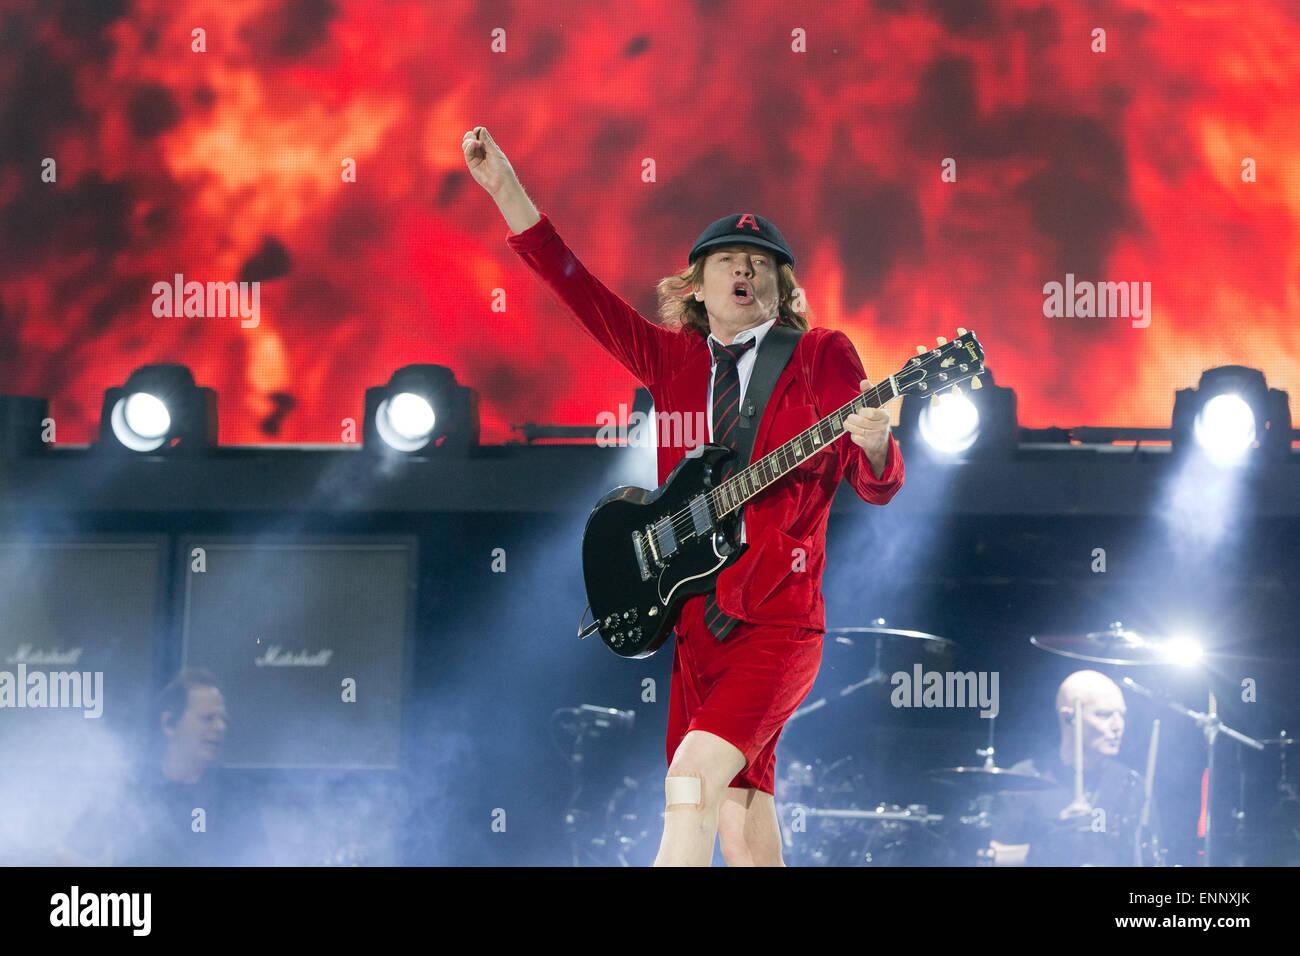 Nürnberg Deutschland 8 Mai 2015 Gitarrist Der Australischen